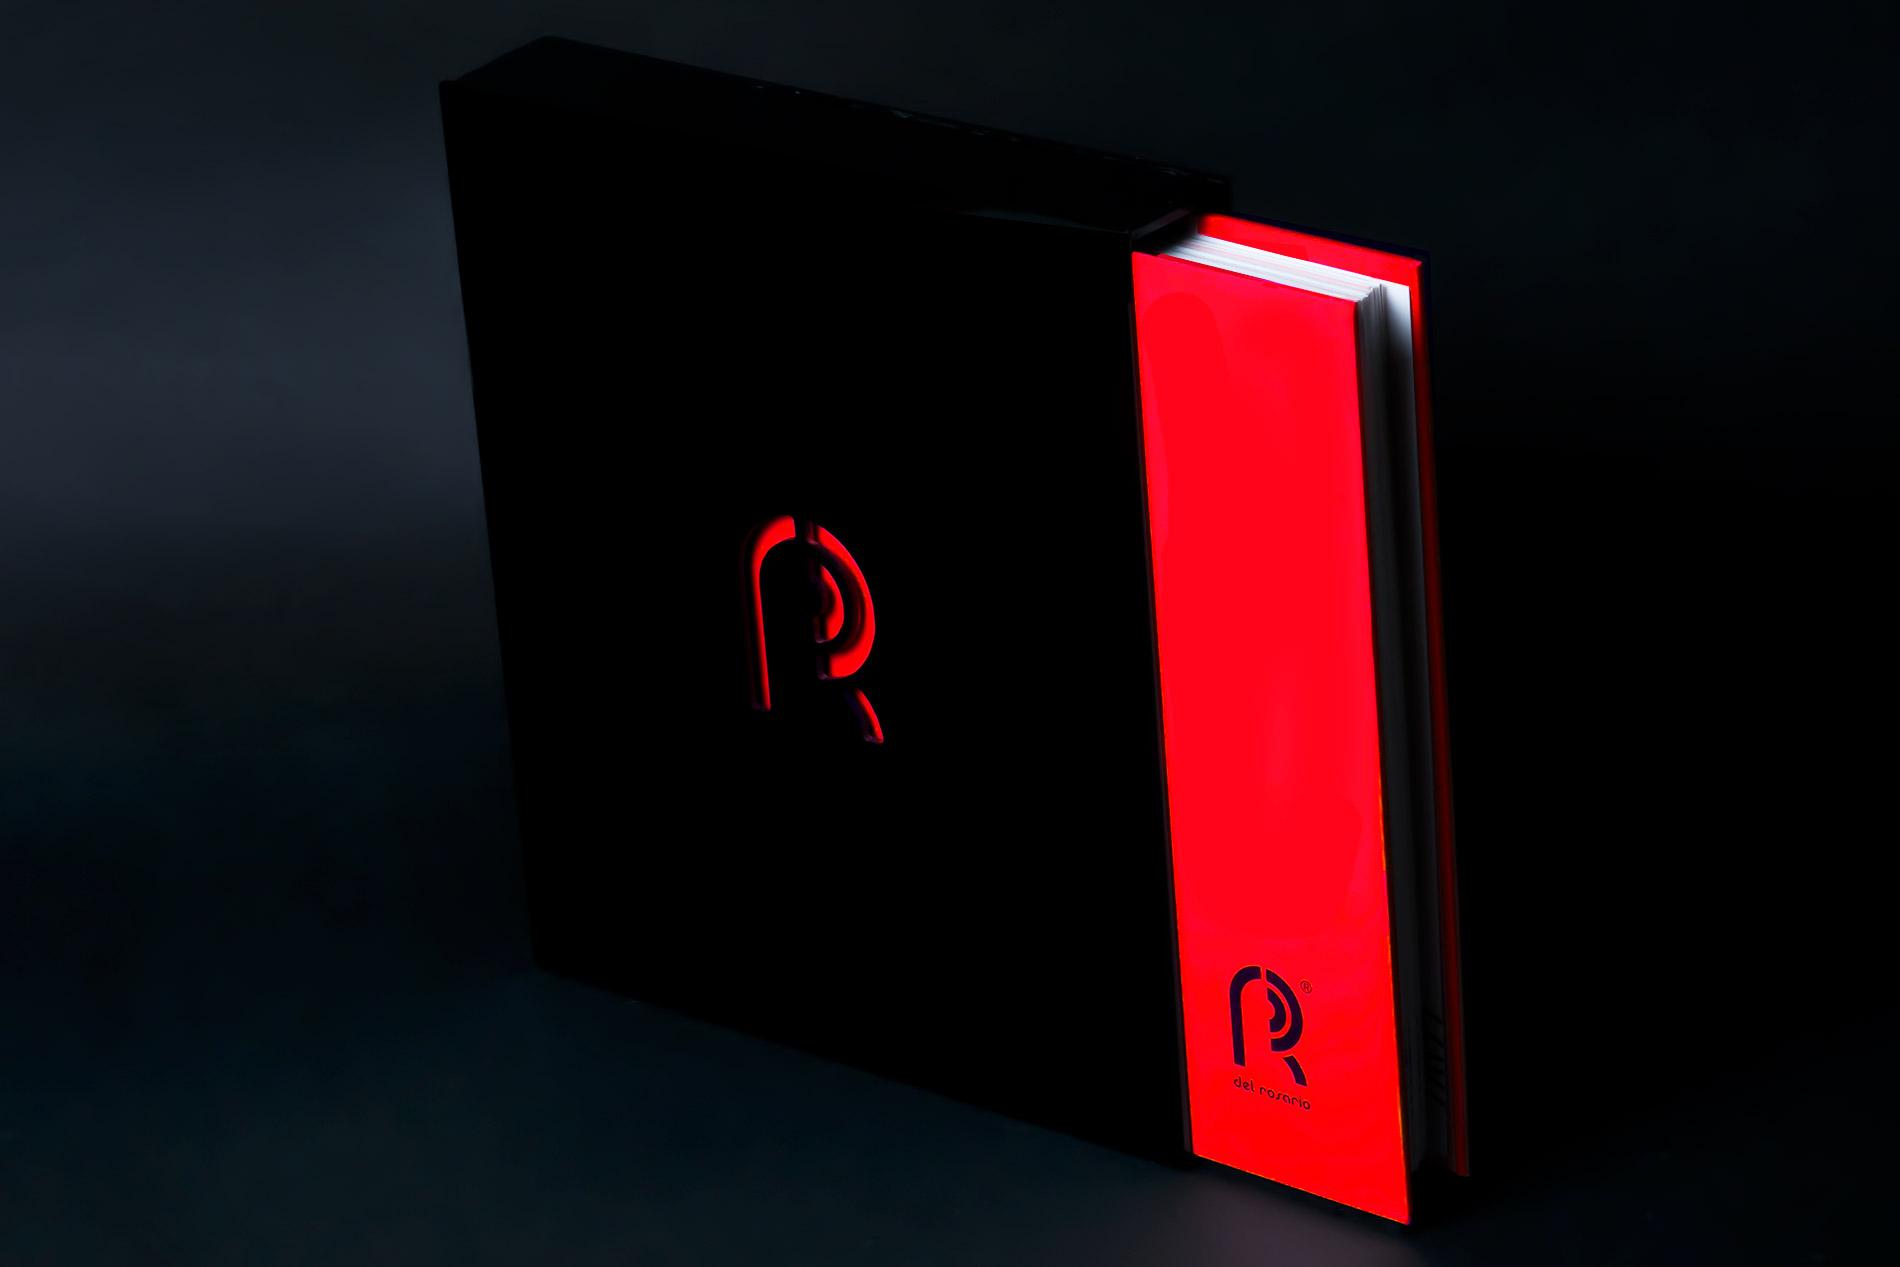 Janina-Lermer-Markenentwickung-Markengestaltung-Branddevelopment-Branddesign-Del-Rosario-Markenbuch-Brandbook